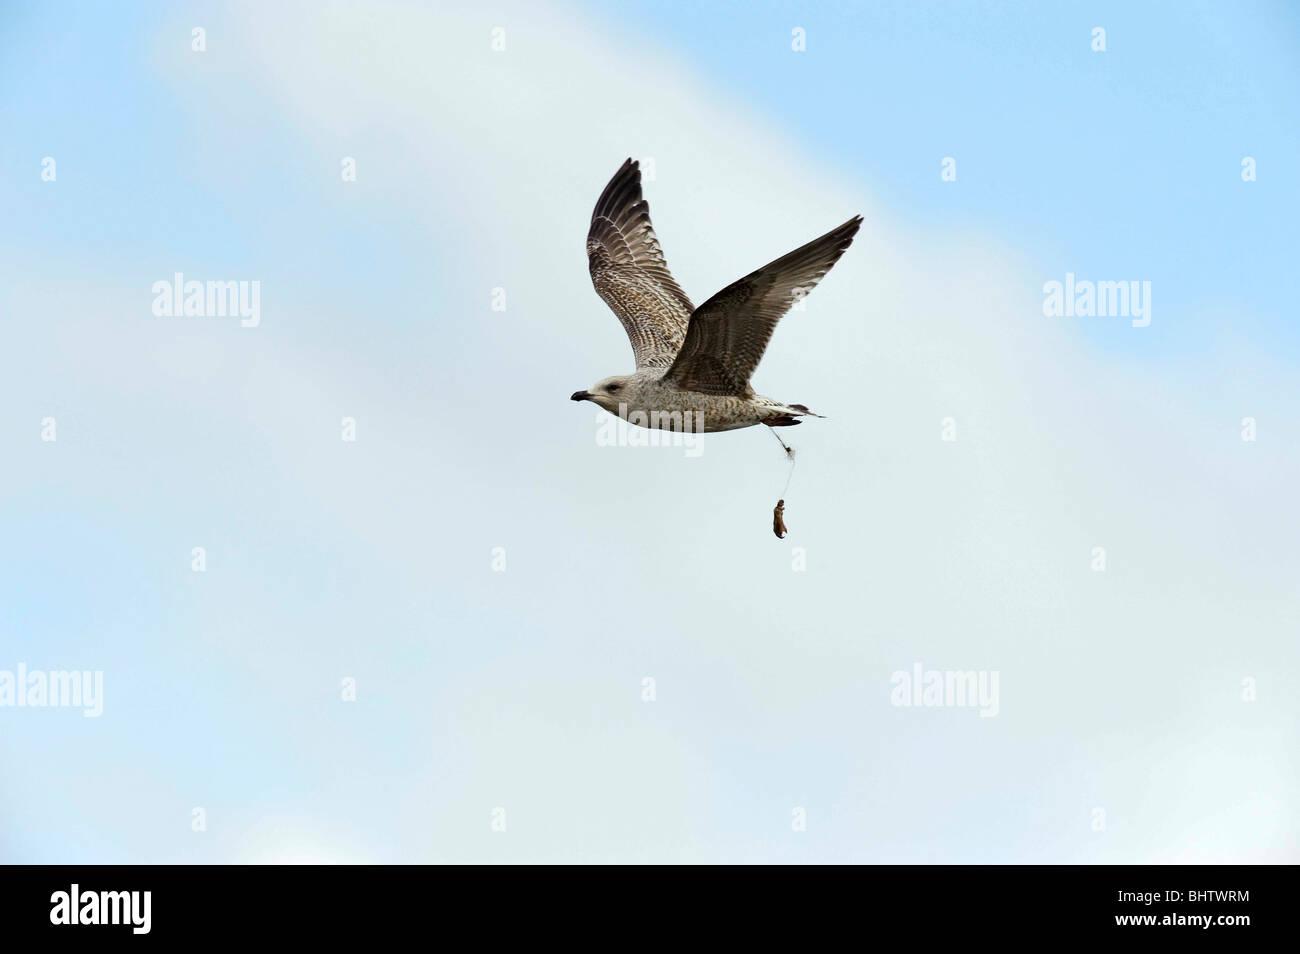 La conservación. Protección de Aves. Las amenazas a las aves. Pesca deportiva. La pesca. Peligro para Imagen De Stock